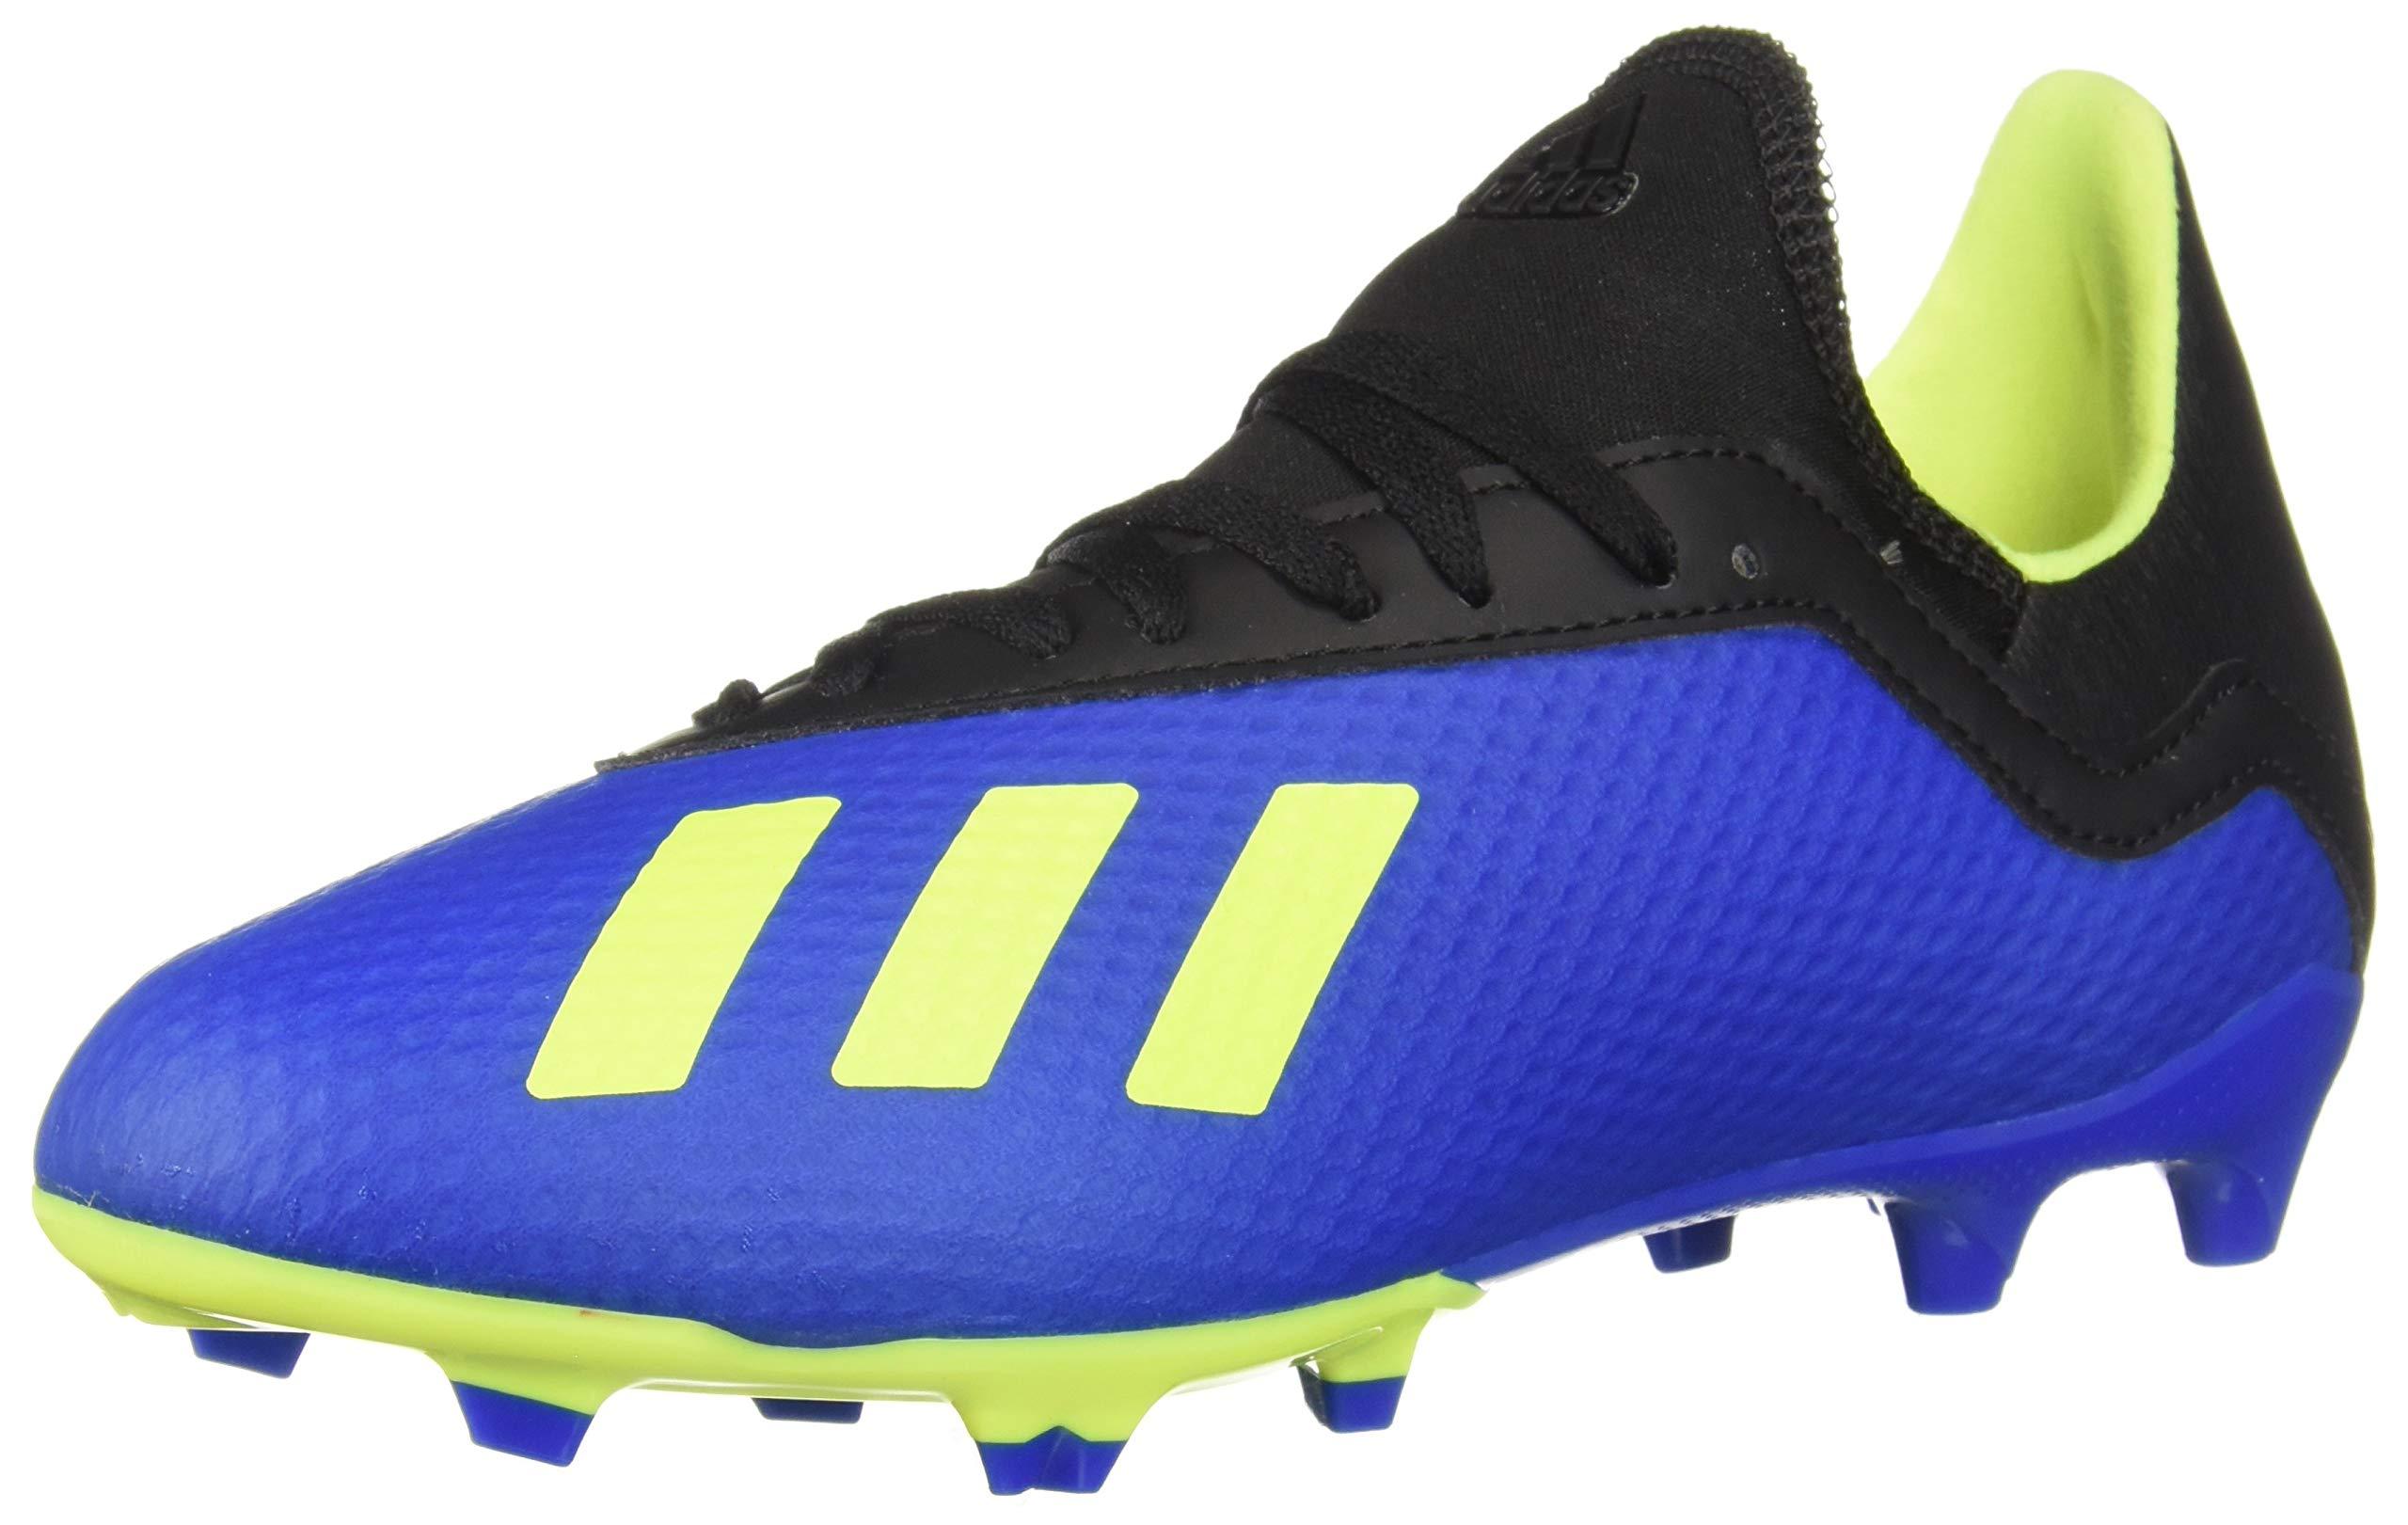 adidas Unisex X 18.3 FG J Soccer Shoe, Football Blue/Solar Yellow/core Black, 2 M US Big Kid